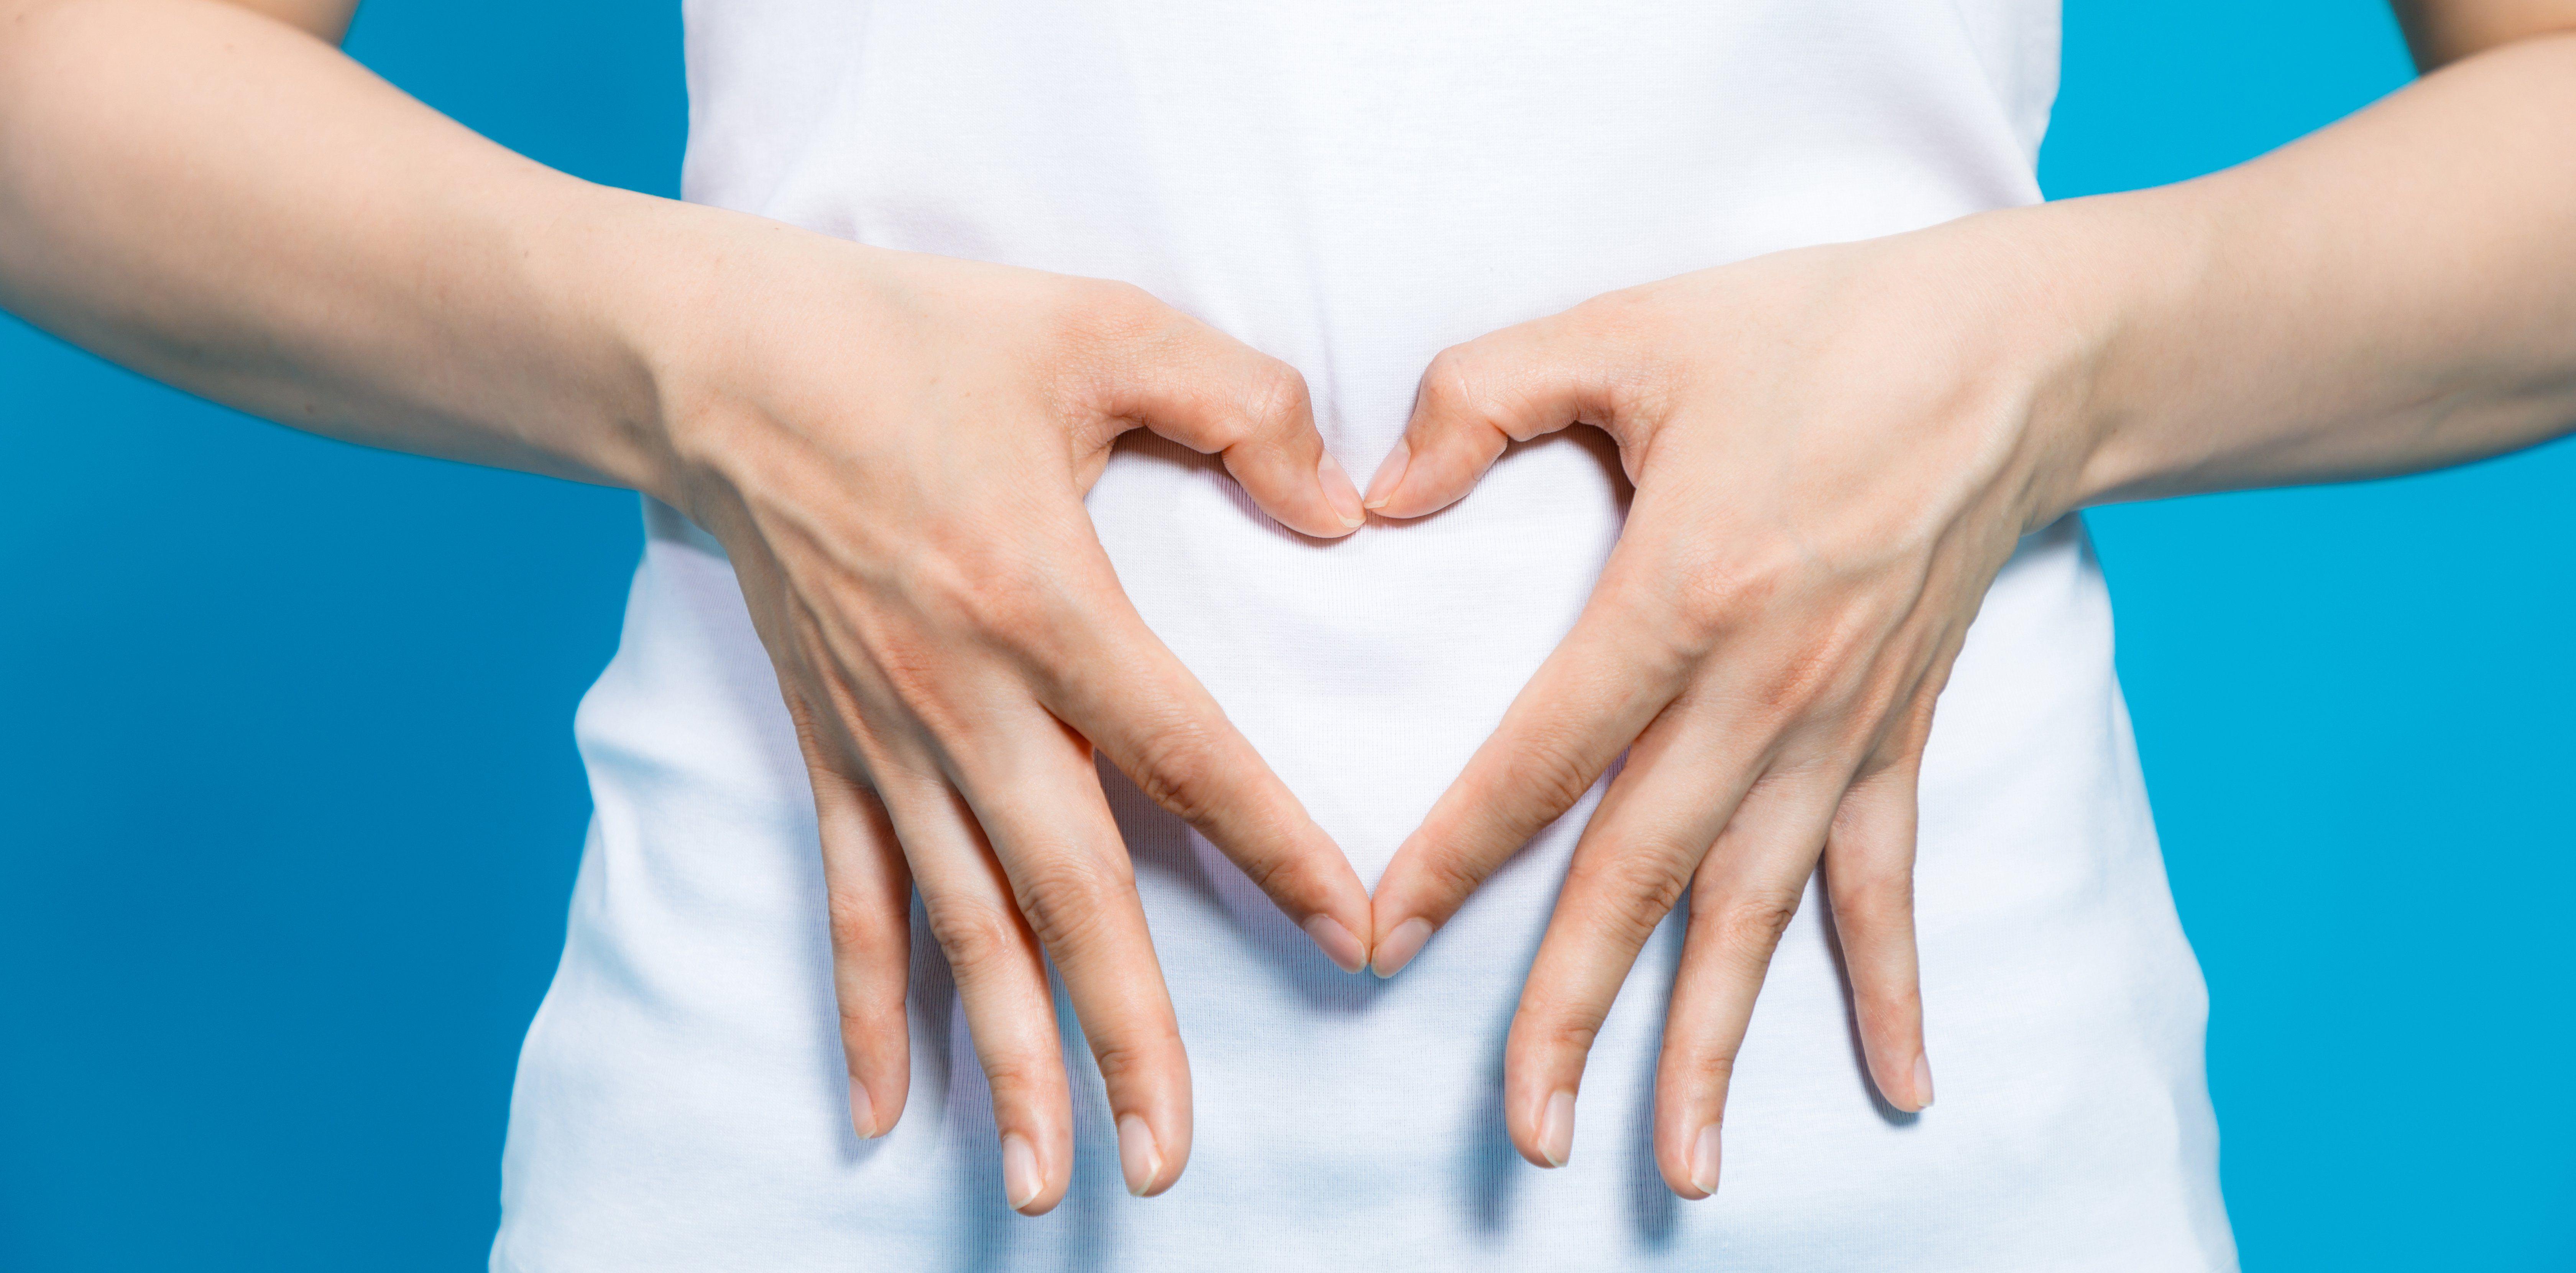 Kalp Krizi Geçiren Kişiyi Hayata Döndüren Toplu İğne Yöntemi